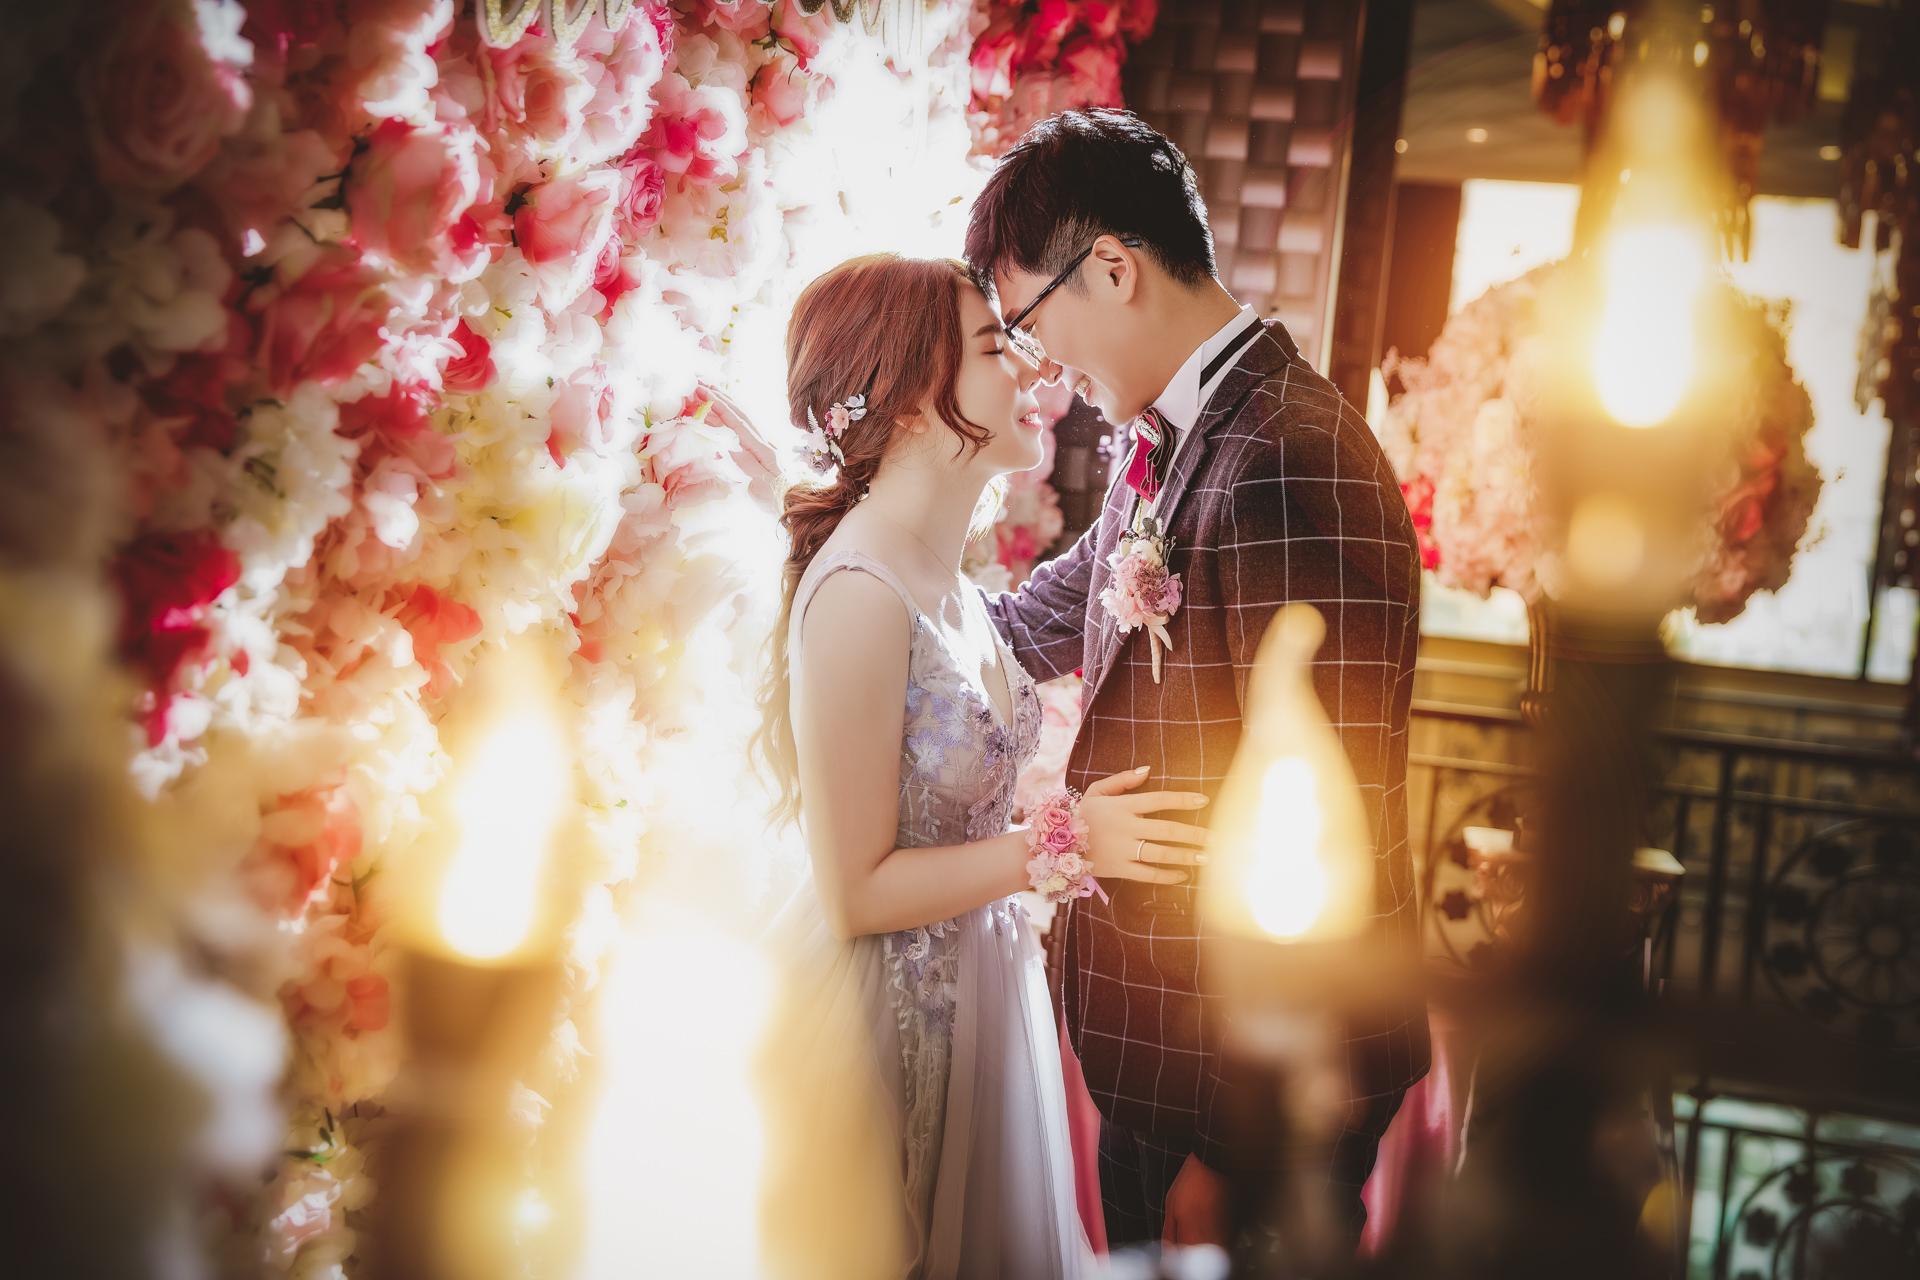 台中婚攝,婚攝,婚禮攝影,寶麗金,寶麗金市政店